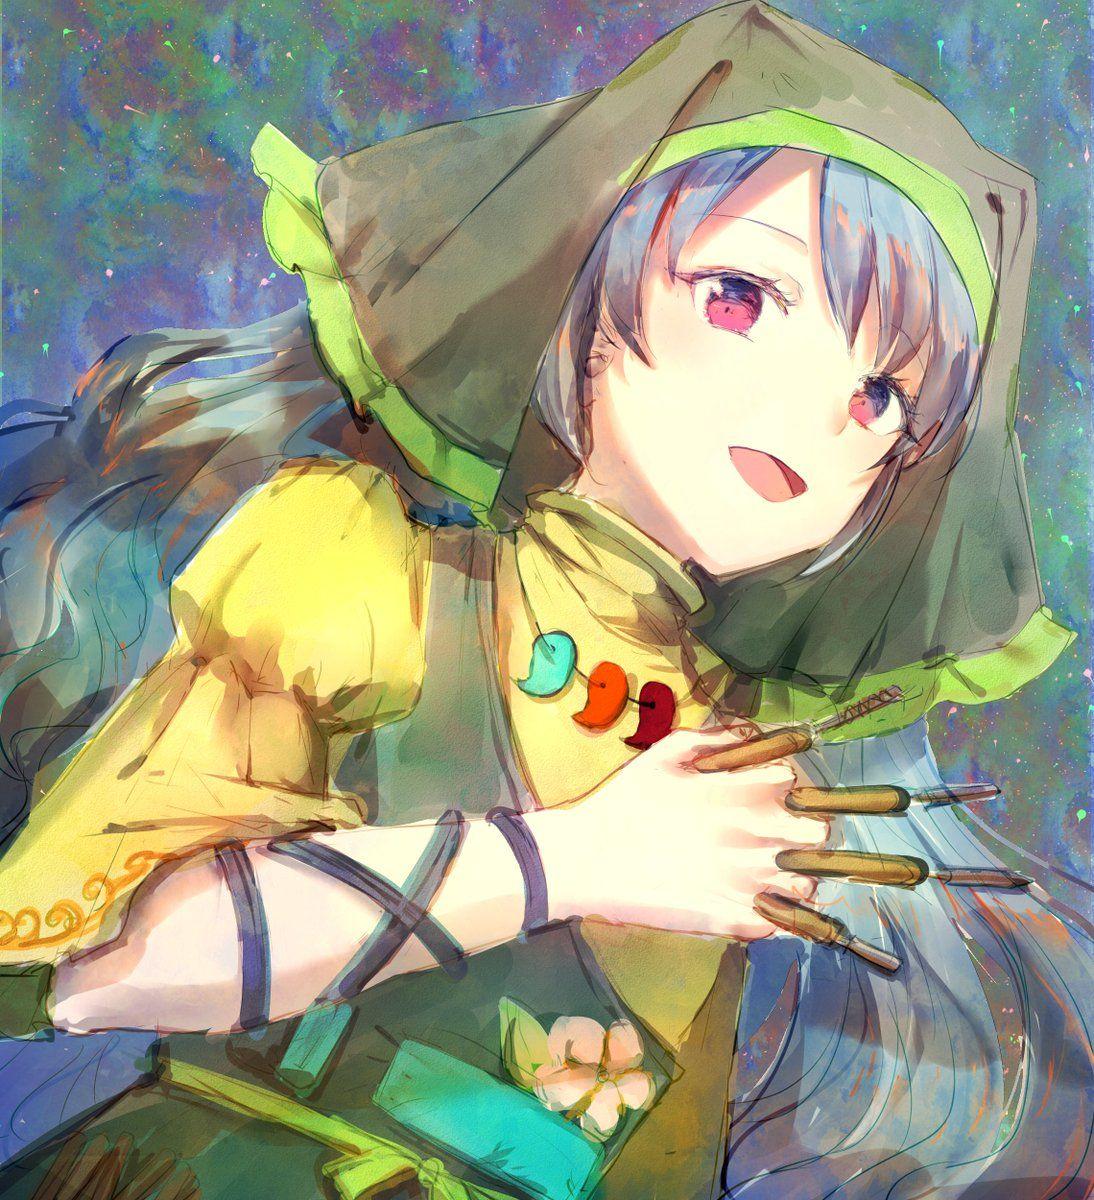 画像 東方鬼形獣の埴安神袿姫 はにやすしん けいき ちゃんが可愛いすぎると話題に 曲もカッコいい 娯楽まとめ速報 絵 東方 キャラ はくたか